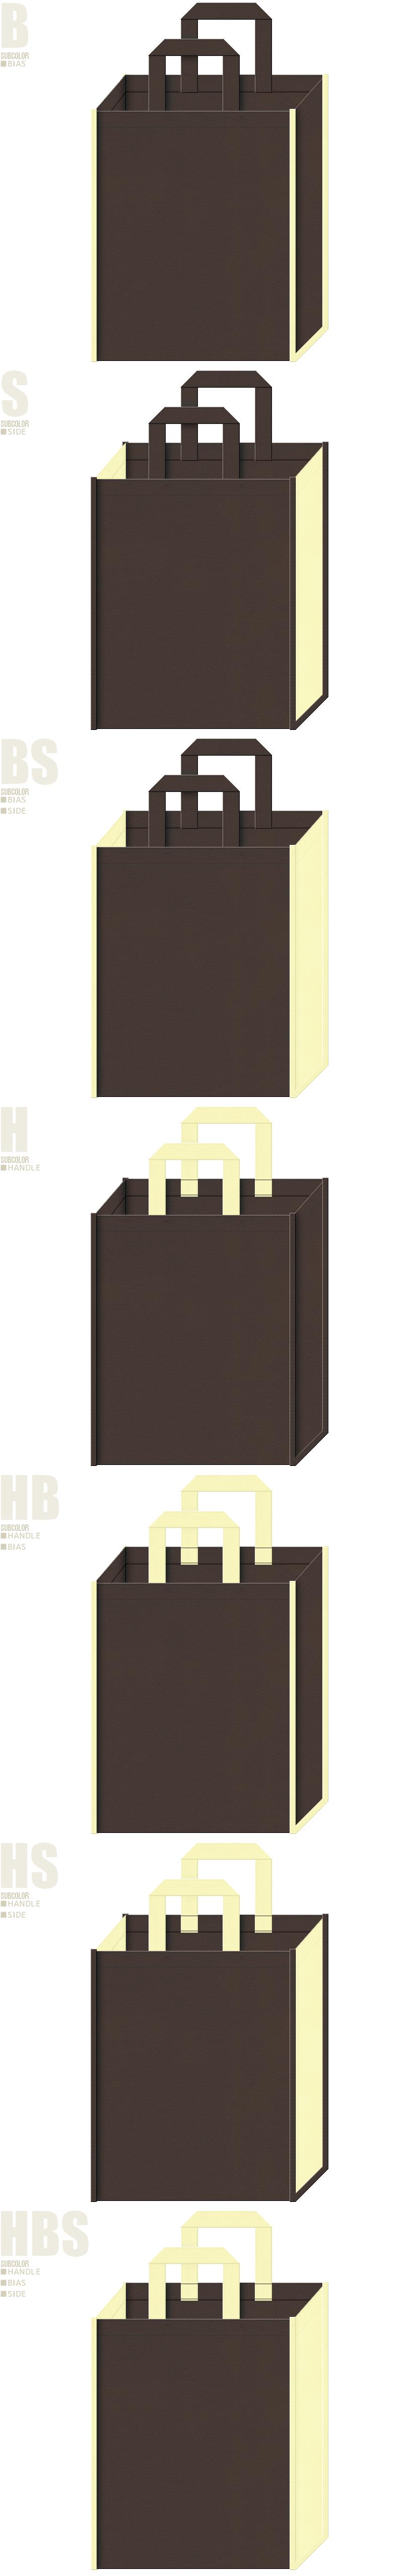 ユニットバス・照明器具・チョコクッキー・チョコバナナ・チョコクレープ・スイーツ・お月見・和菓子・石窯パン・クリームパン・カフェ・ベーカリーショップにお奨めの不織布バッグデザイン:こげ茶色と薄黄色の配色7パターン